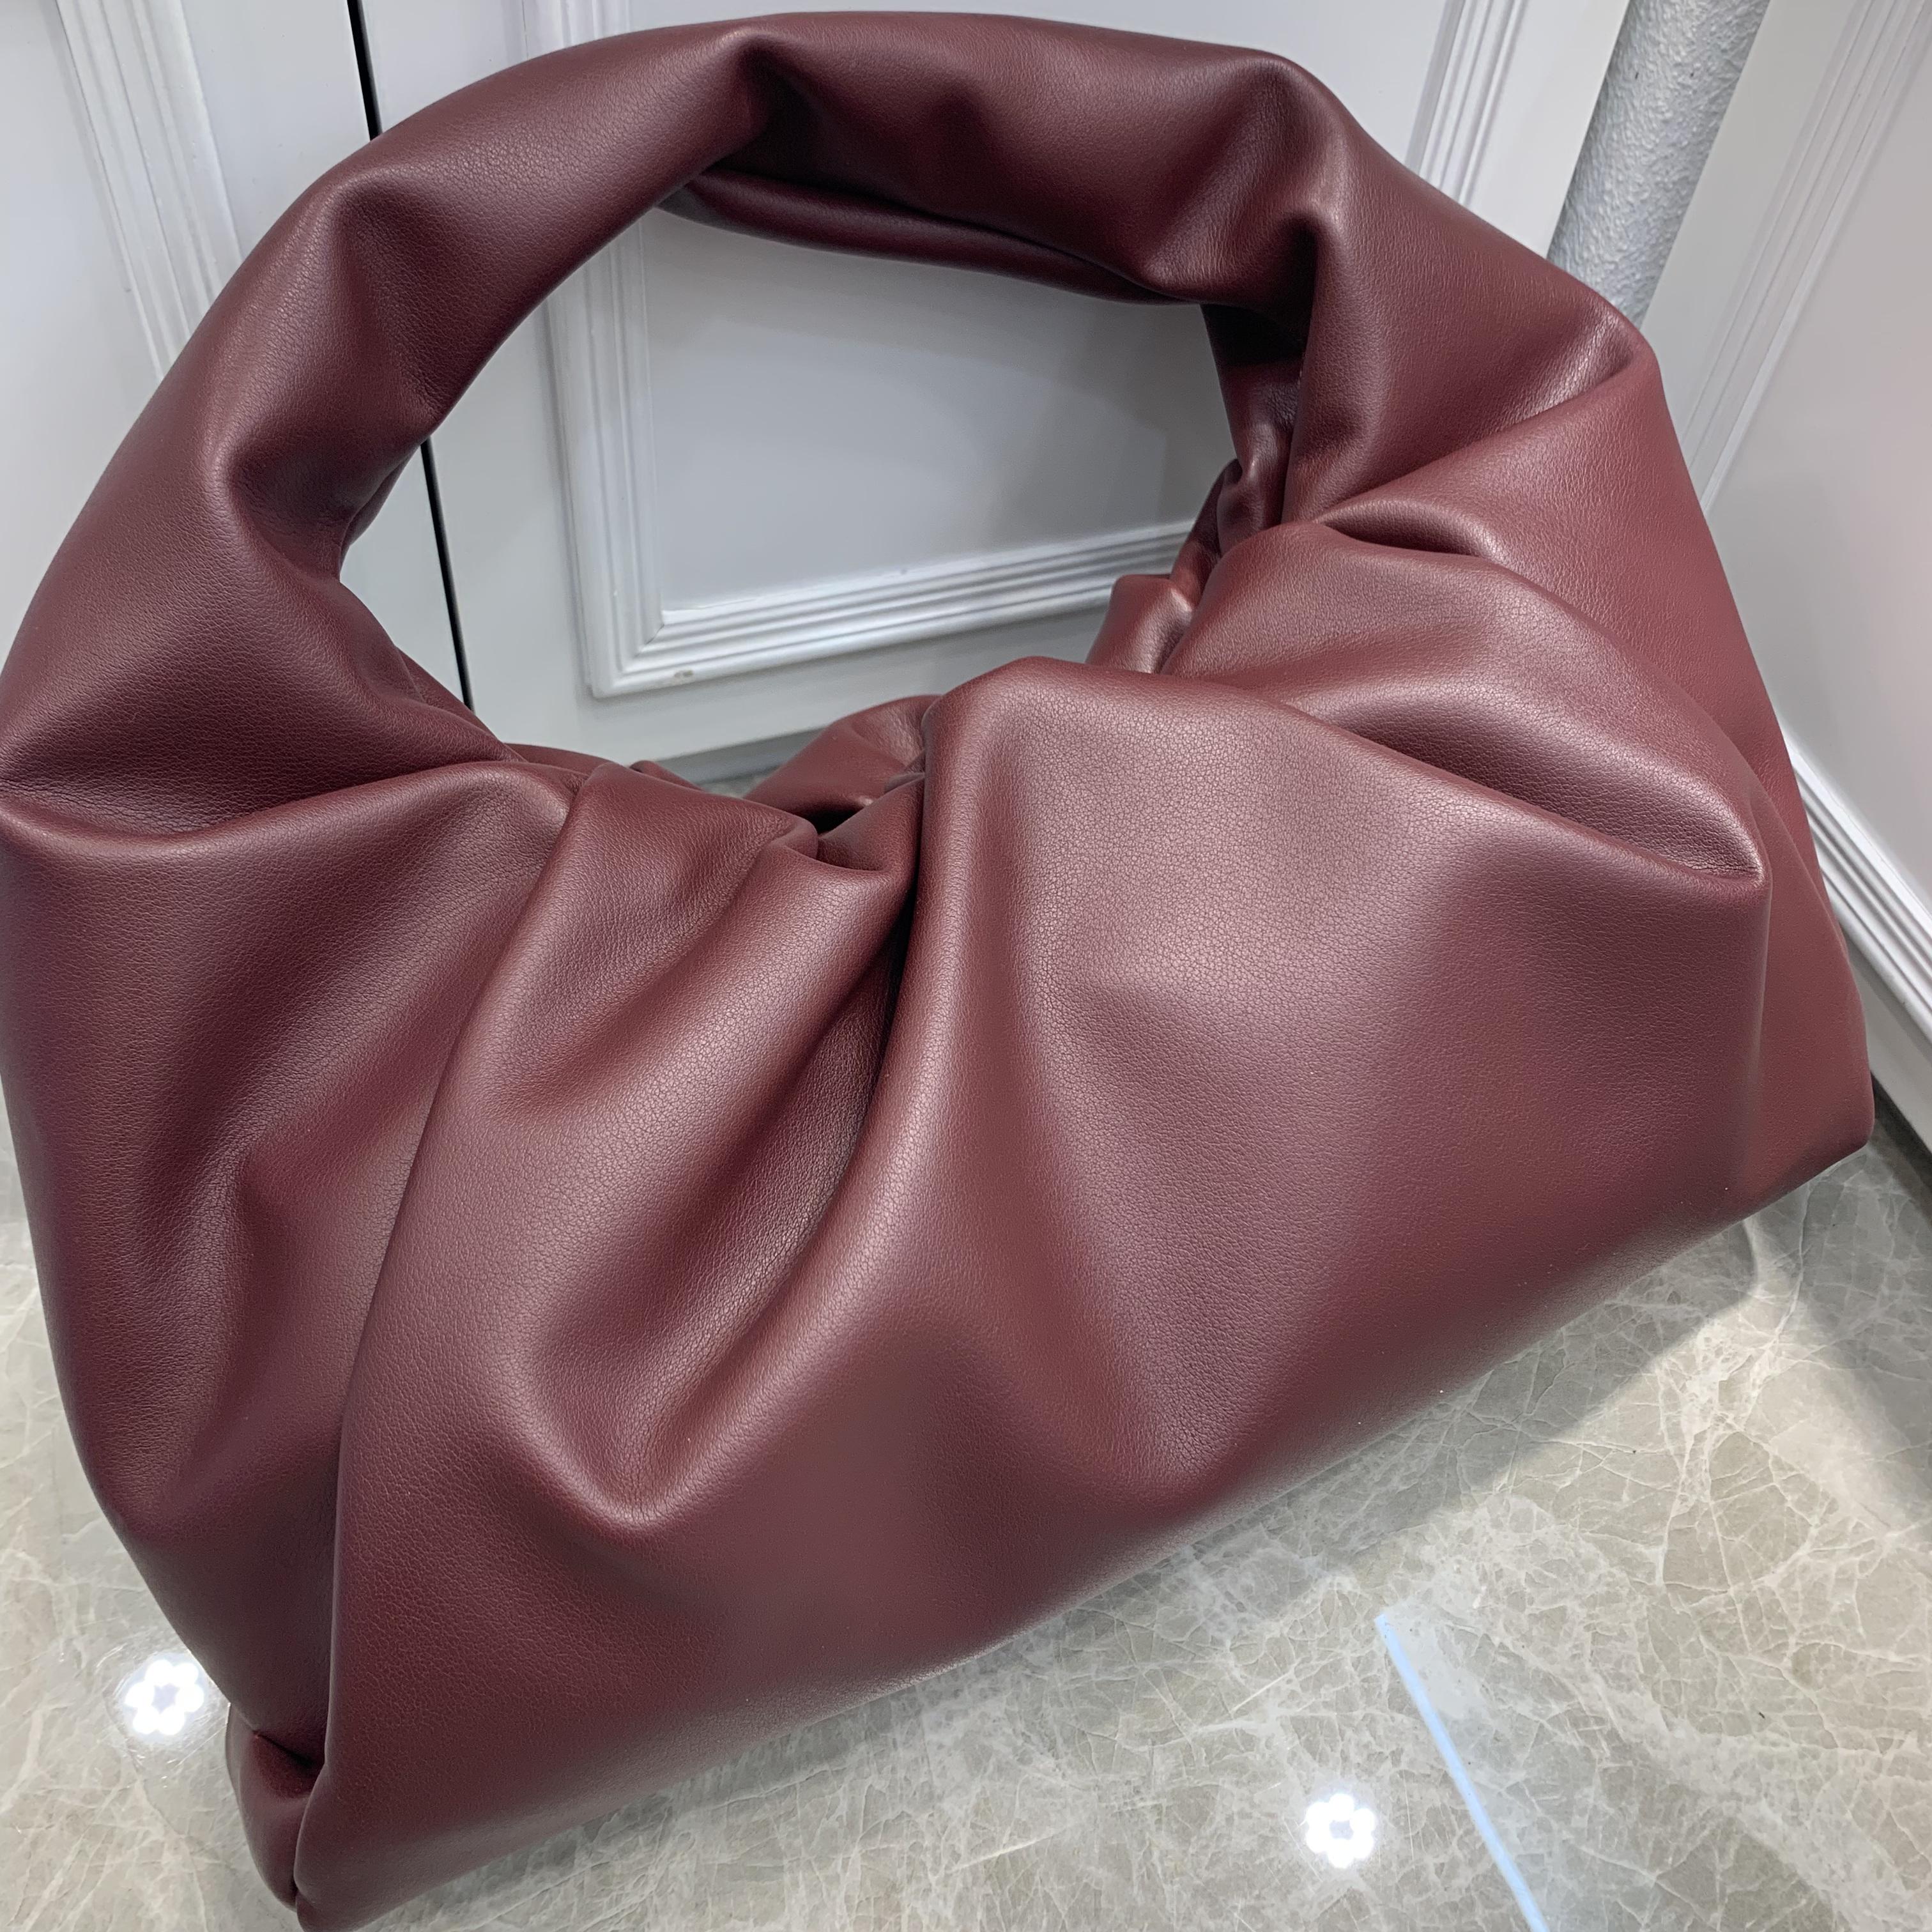 Handbag - Sac Hortesia